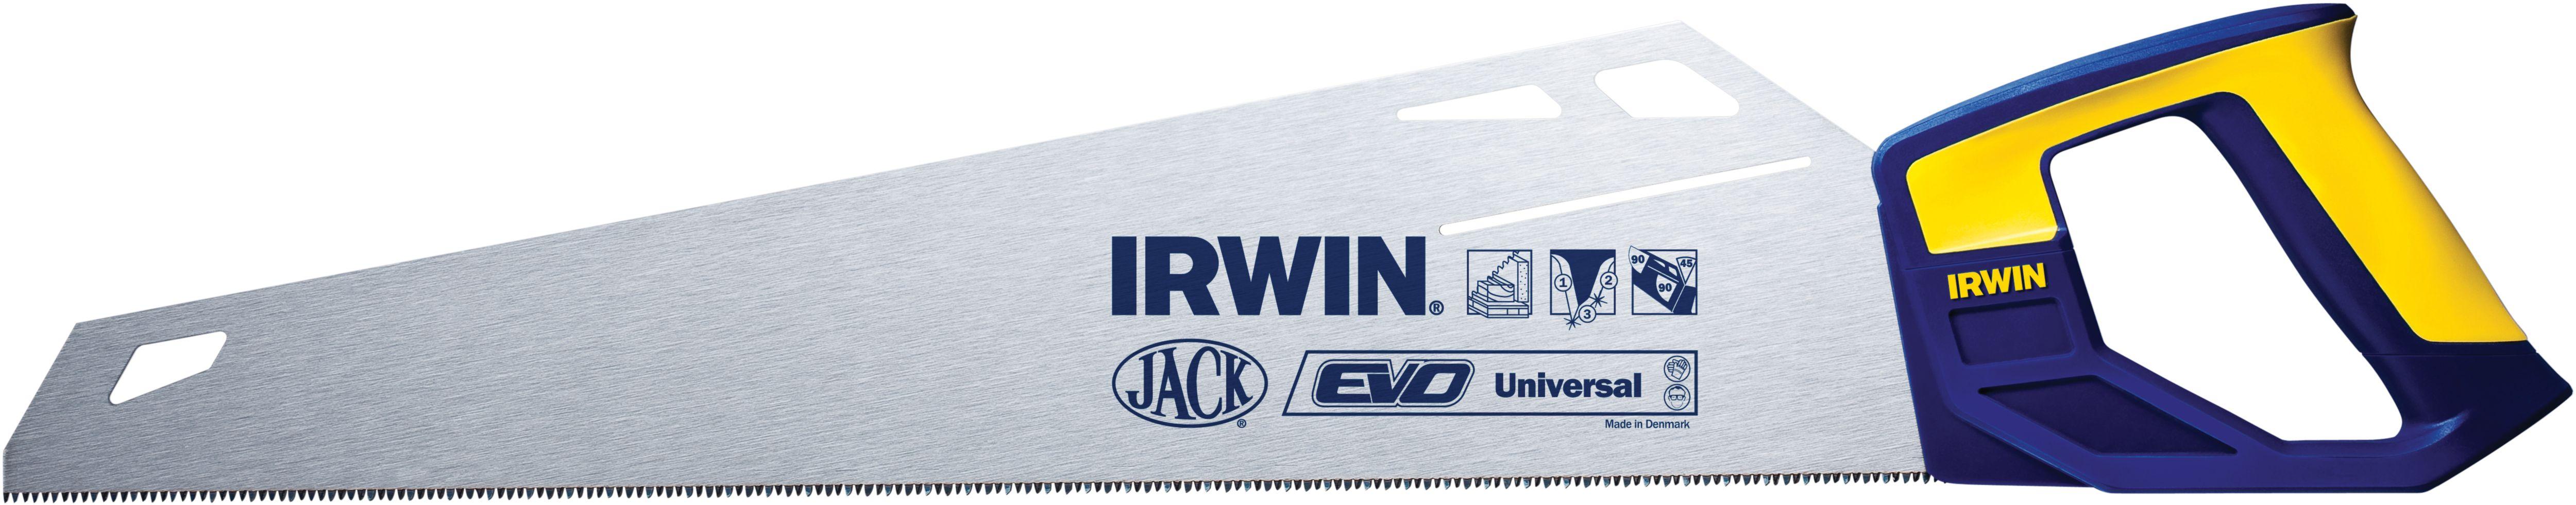 Irwin Steel Jack Panel Saw (l)490mm